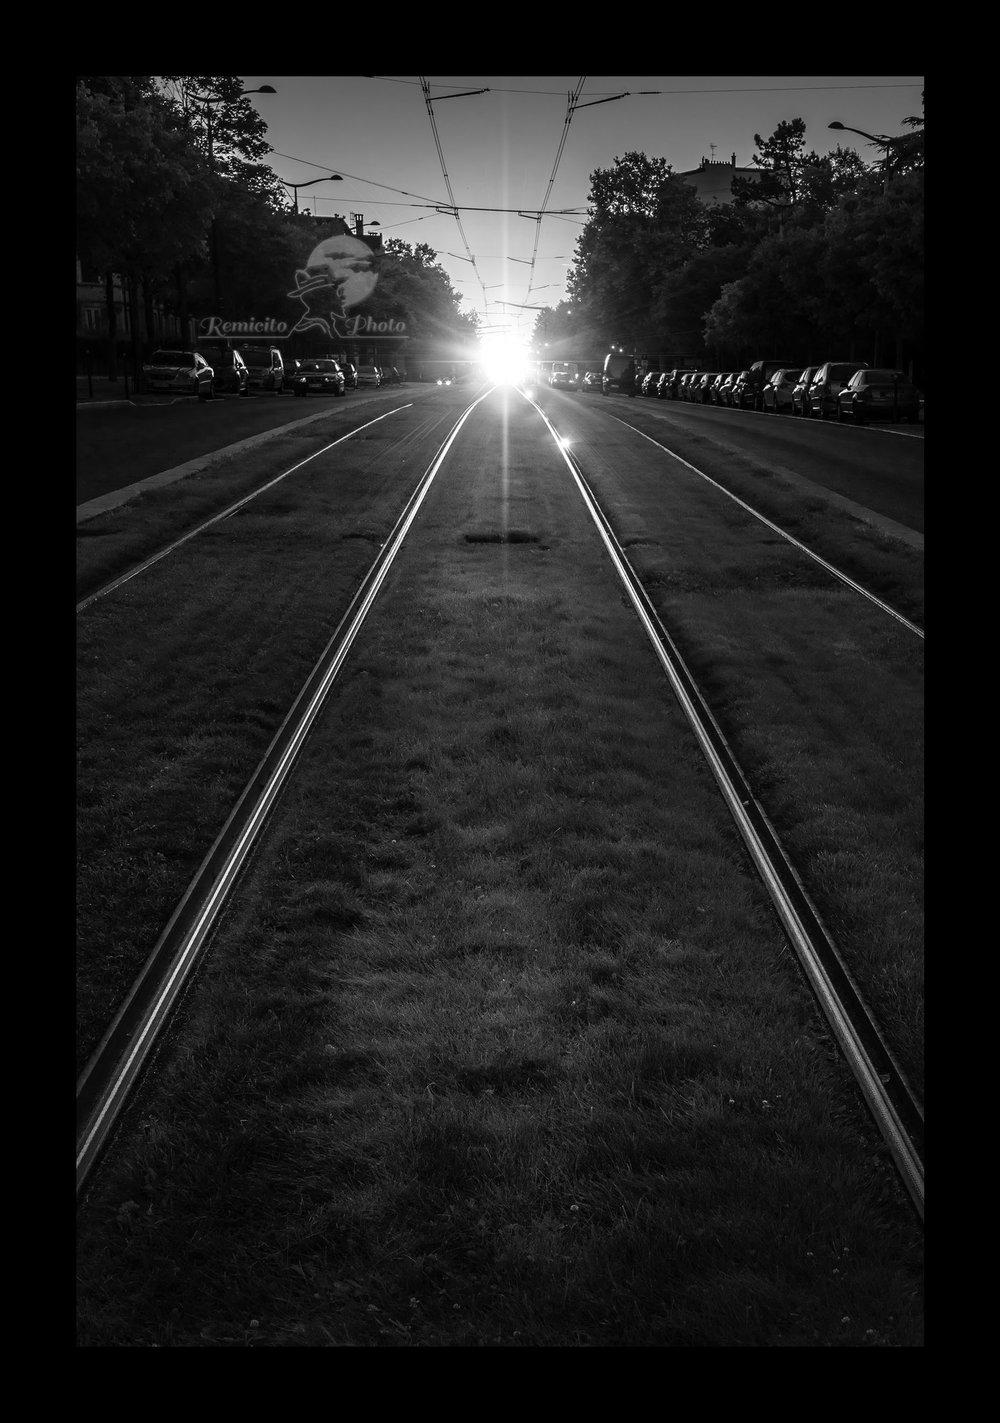 remicito photo, idée cadeau, coucher de soleil, paris en noir et blanc, photo noir et blanc, paris tramway, black and white photography, paris black and white, cadeau pour lui, cadeau pour elle, idée cadeau déco, gift idea, gift idea photography